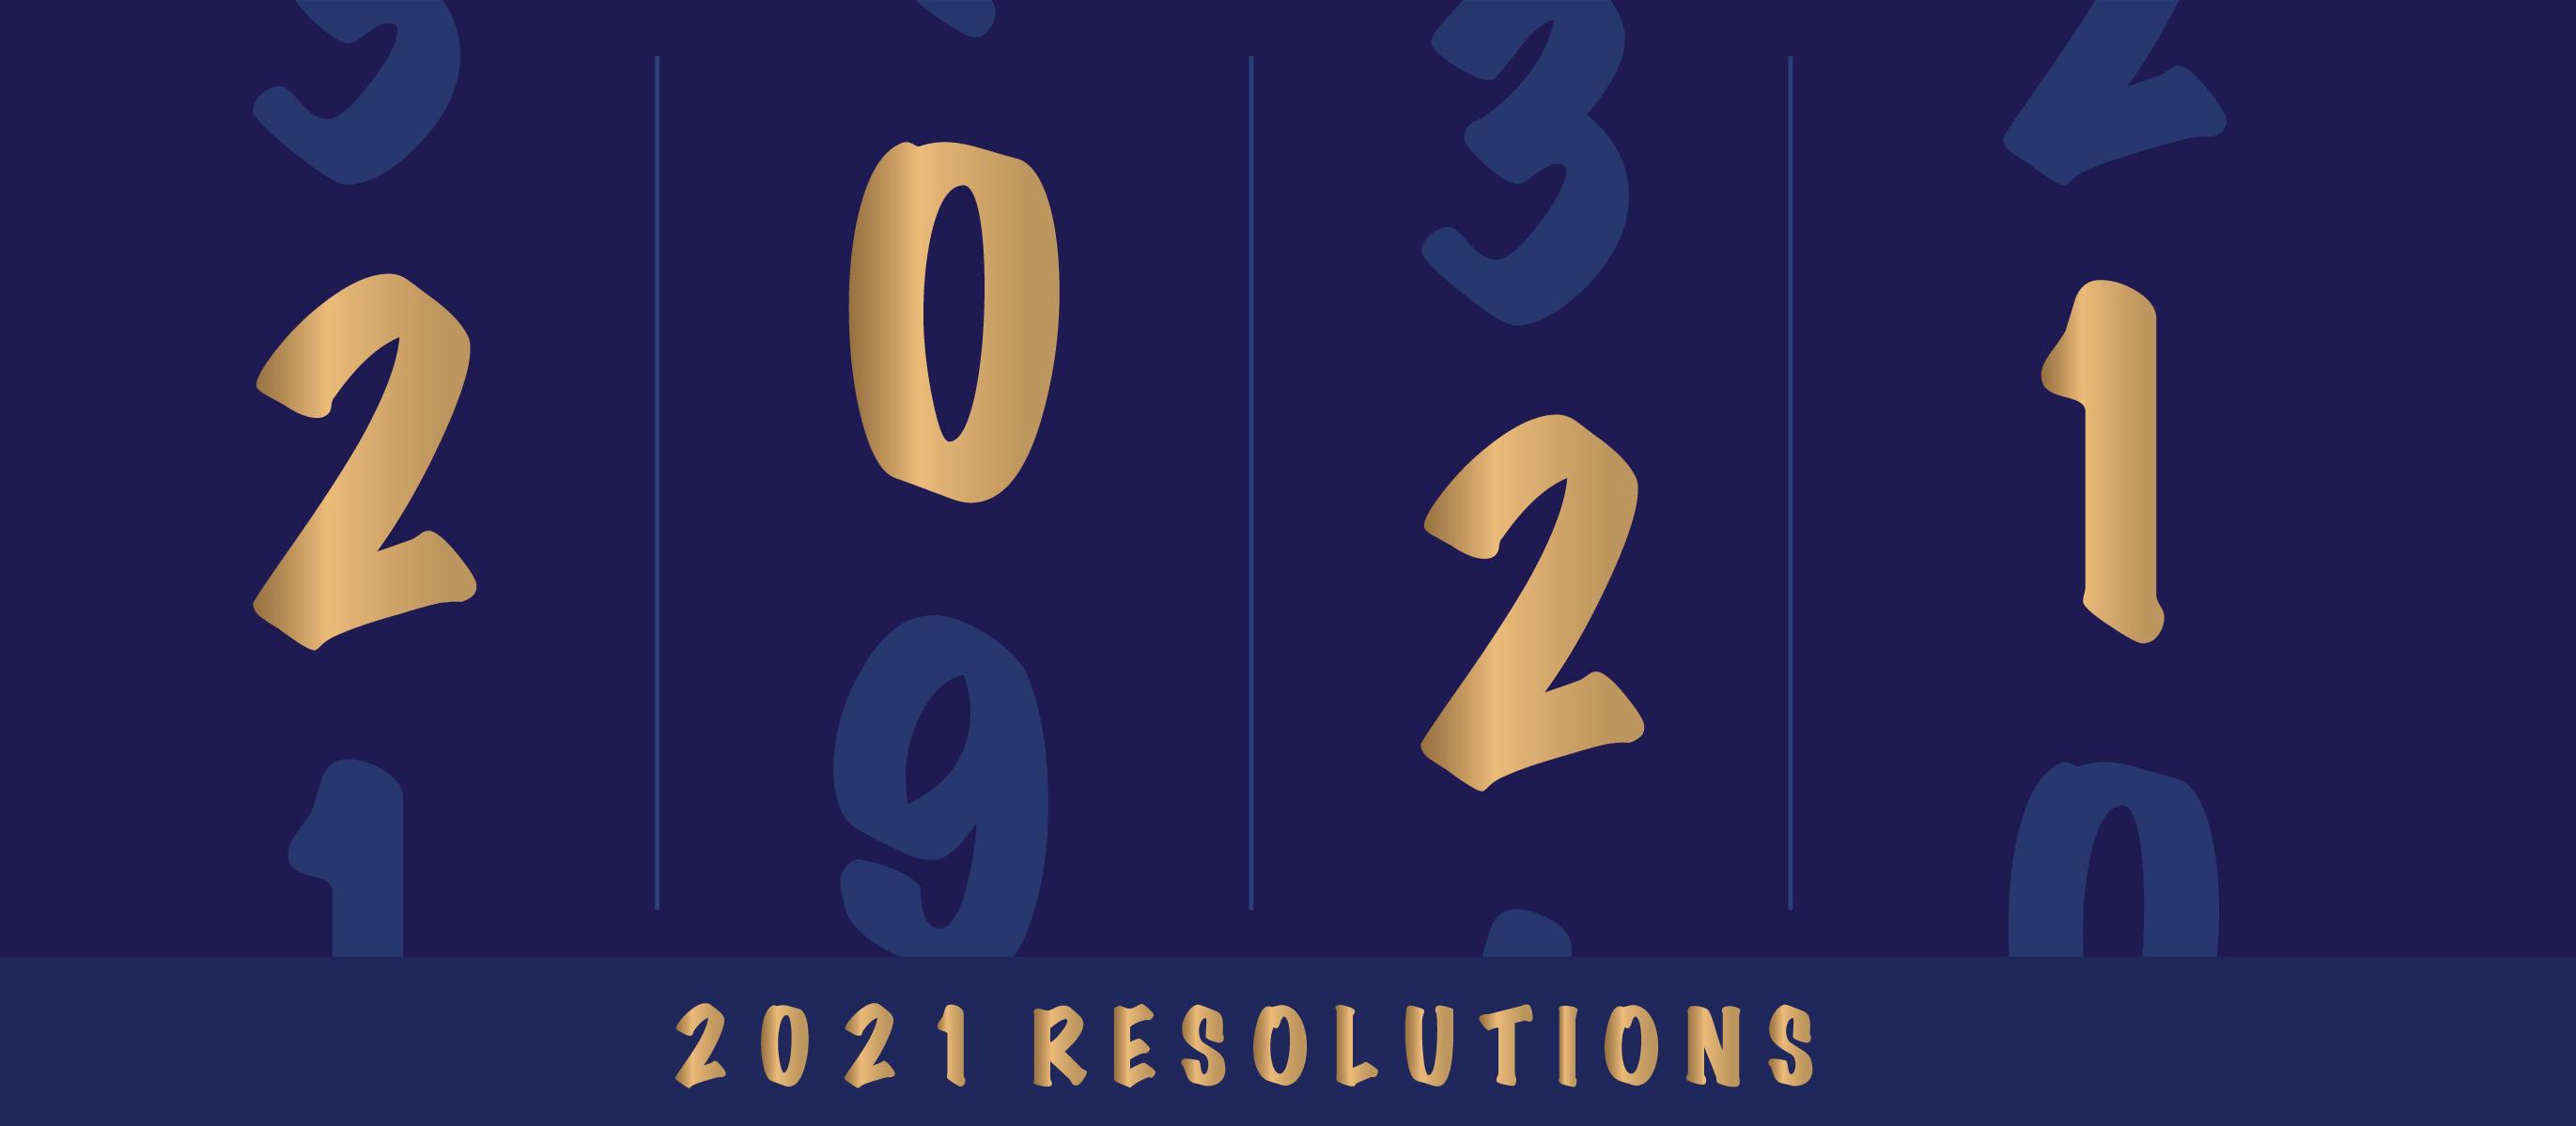 7 resolutions to live better in 2021 | Orkut Buyukkokten